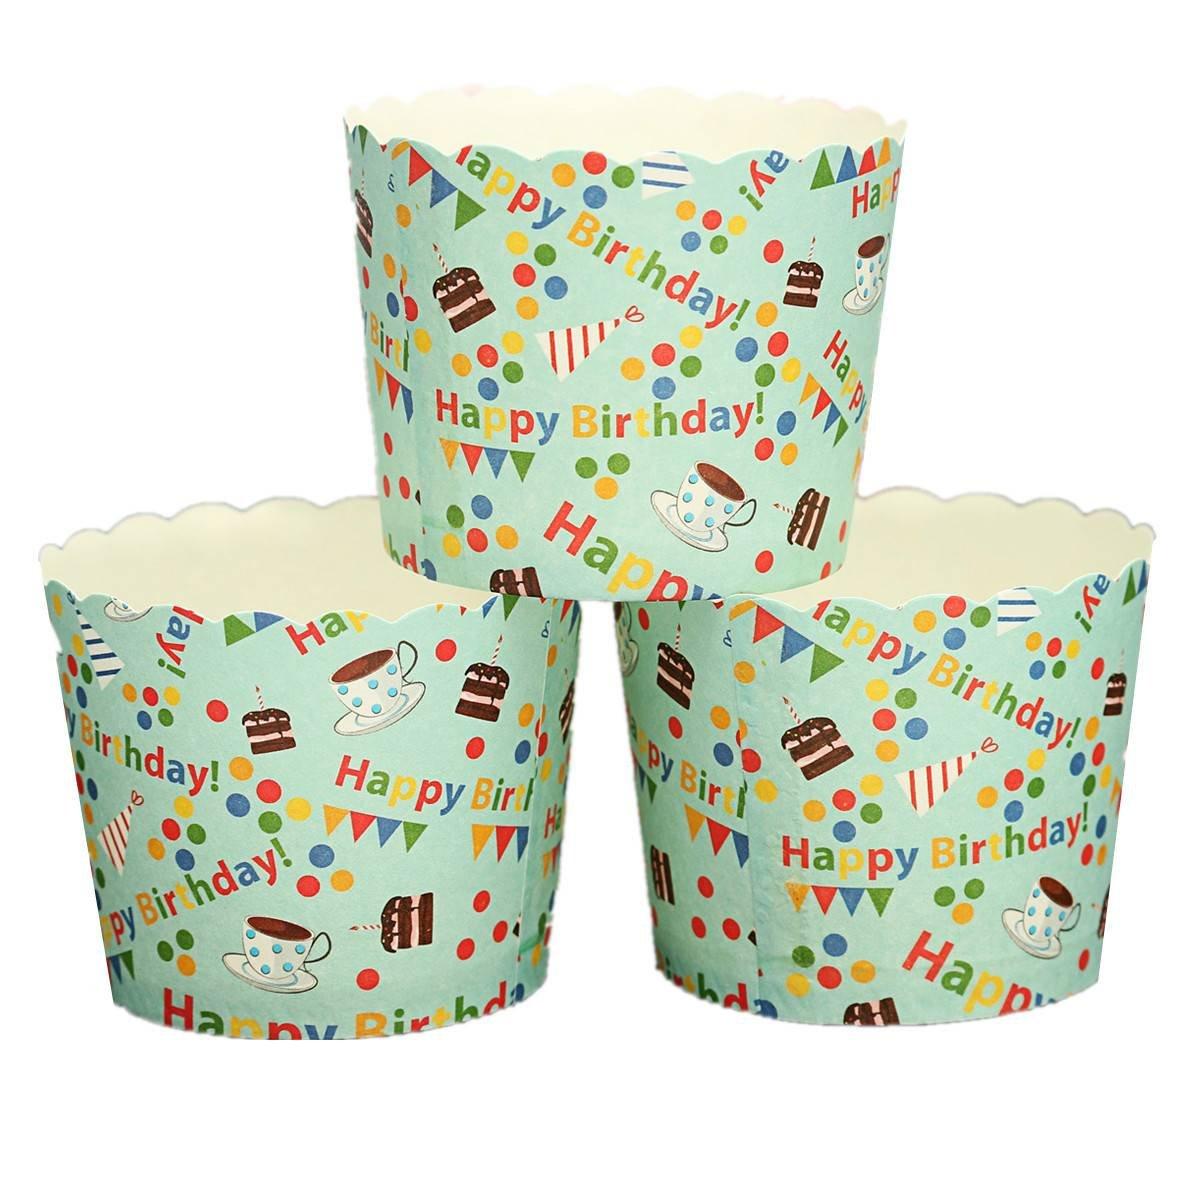 KING DO WAY 50pcs Muffin Cup kuchen backen cupcake kuchen papier dessert party hochzeit Muffinform happy Birthday 5.5cm x 4.5cm product image